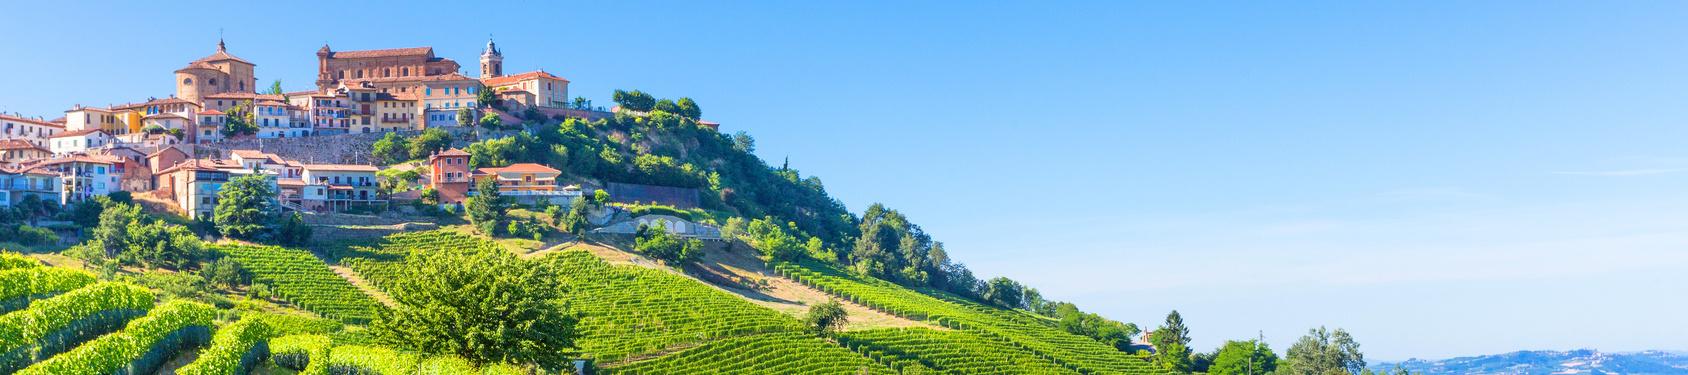 Bild von Piemonte